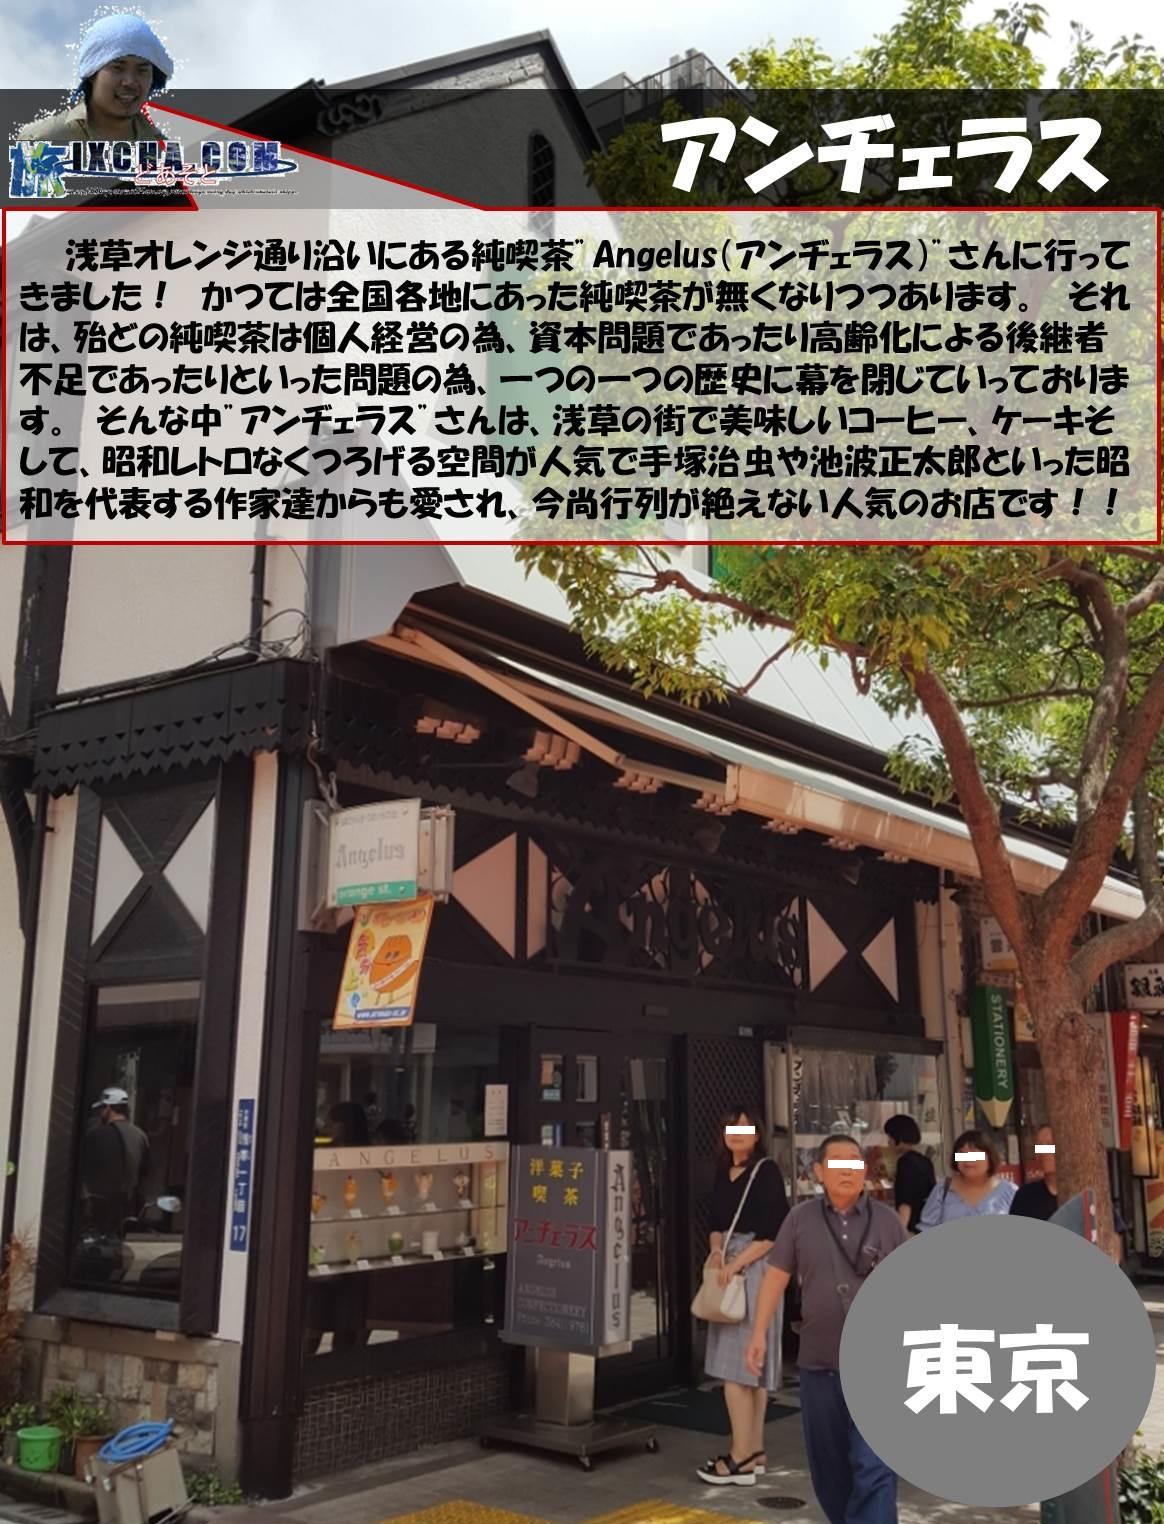 """東京 アンヂェラス 浅草オレンジ通り沿いにある純喫茶""""Angelus(アンヂェラス)""""さんに行ってきました! かつては全国各地にあった純喫茶が無くなりつつあります。 それは、殆どの純喫茶は個人経営の為、資本問題であったり高齢化による後継者不足であったりといった問題の為、一つの一つの歴史に幕を閉じていっております。 そんな中""""アンヂェラス""""さんは、浅草の街で美味しいコーヒー、ケーキそして、昭和レトロなくつろげる空間が人気で手塚治虫や池波正太郎といった昭和を代表する作家達からも愛され、今尚行列が絶えない人気のお店です!!"""